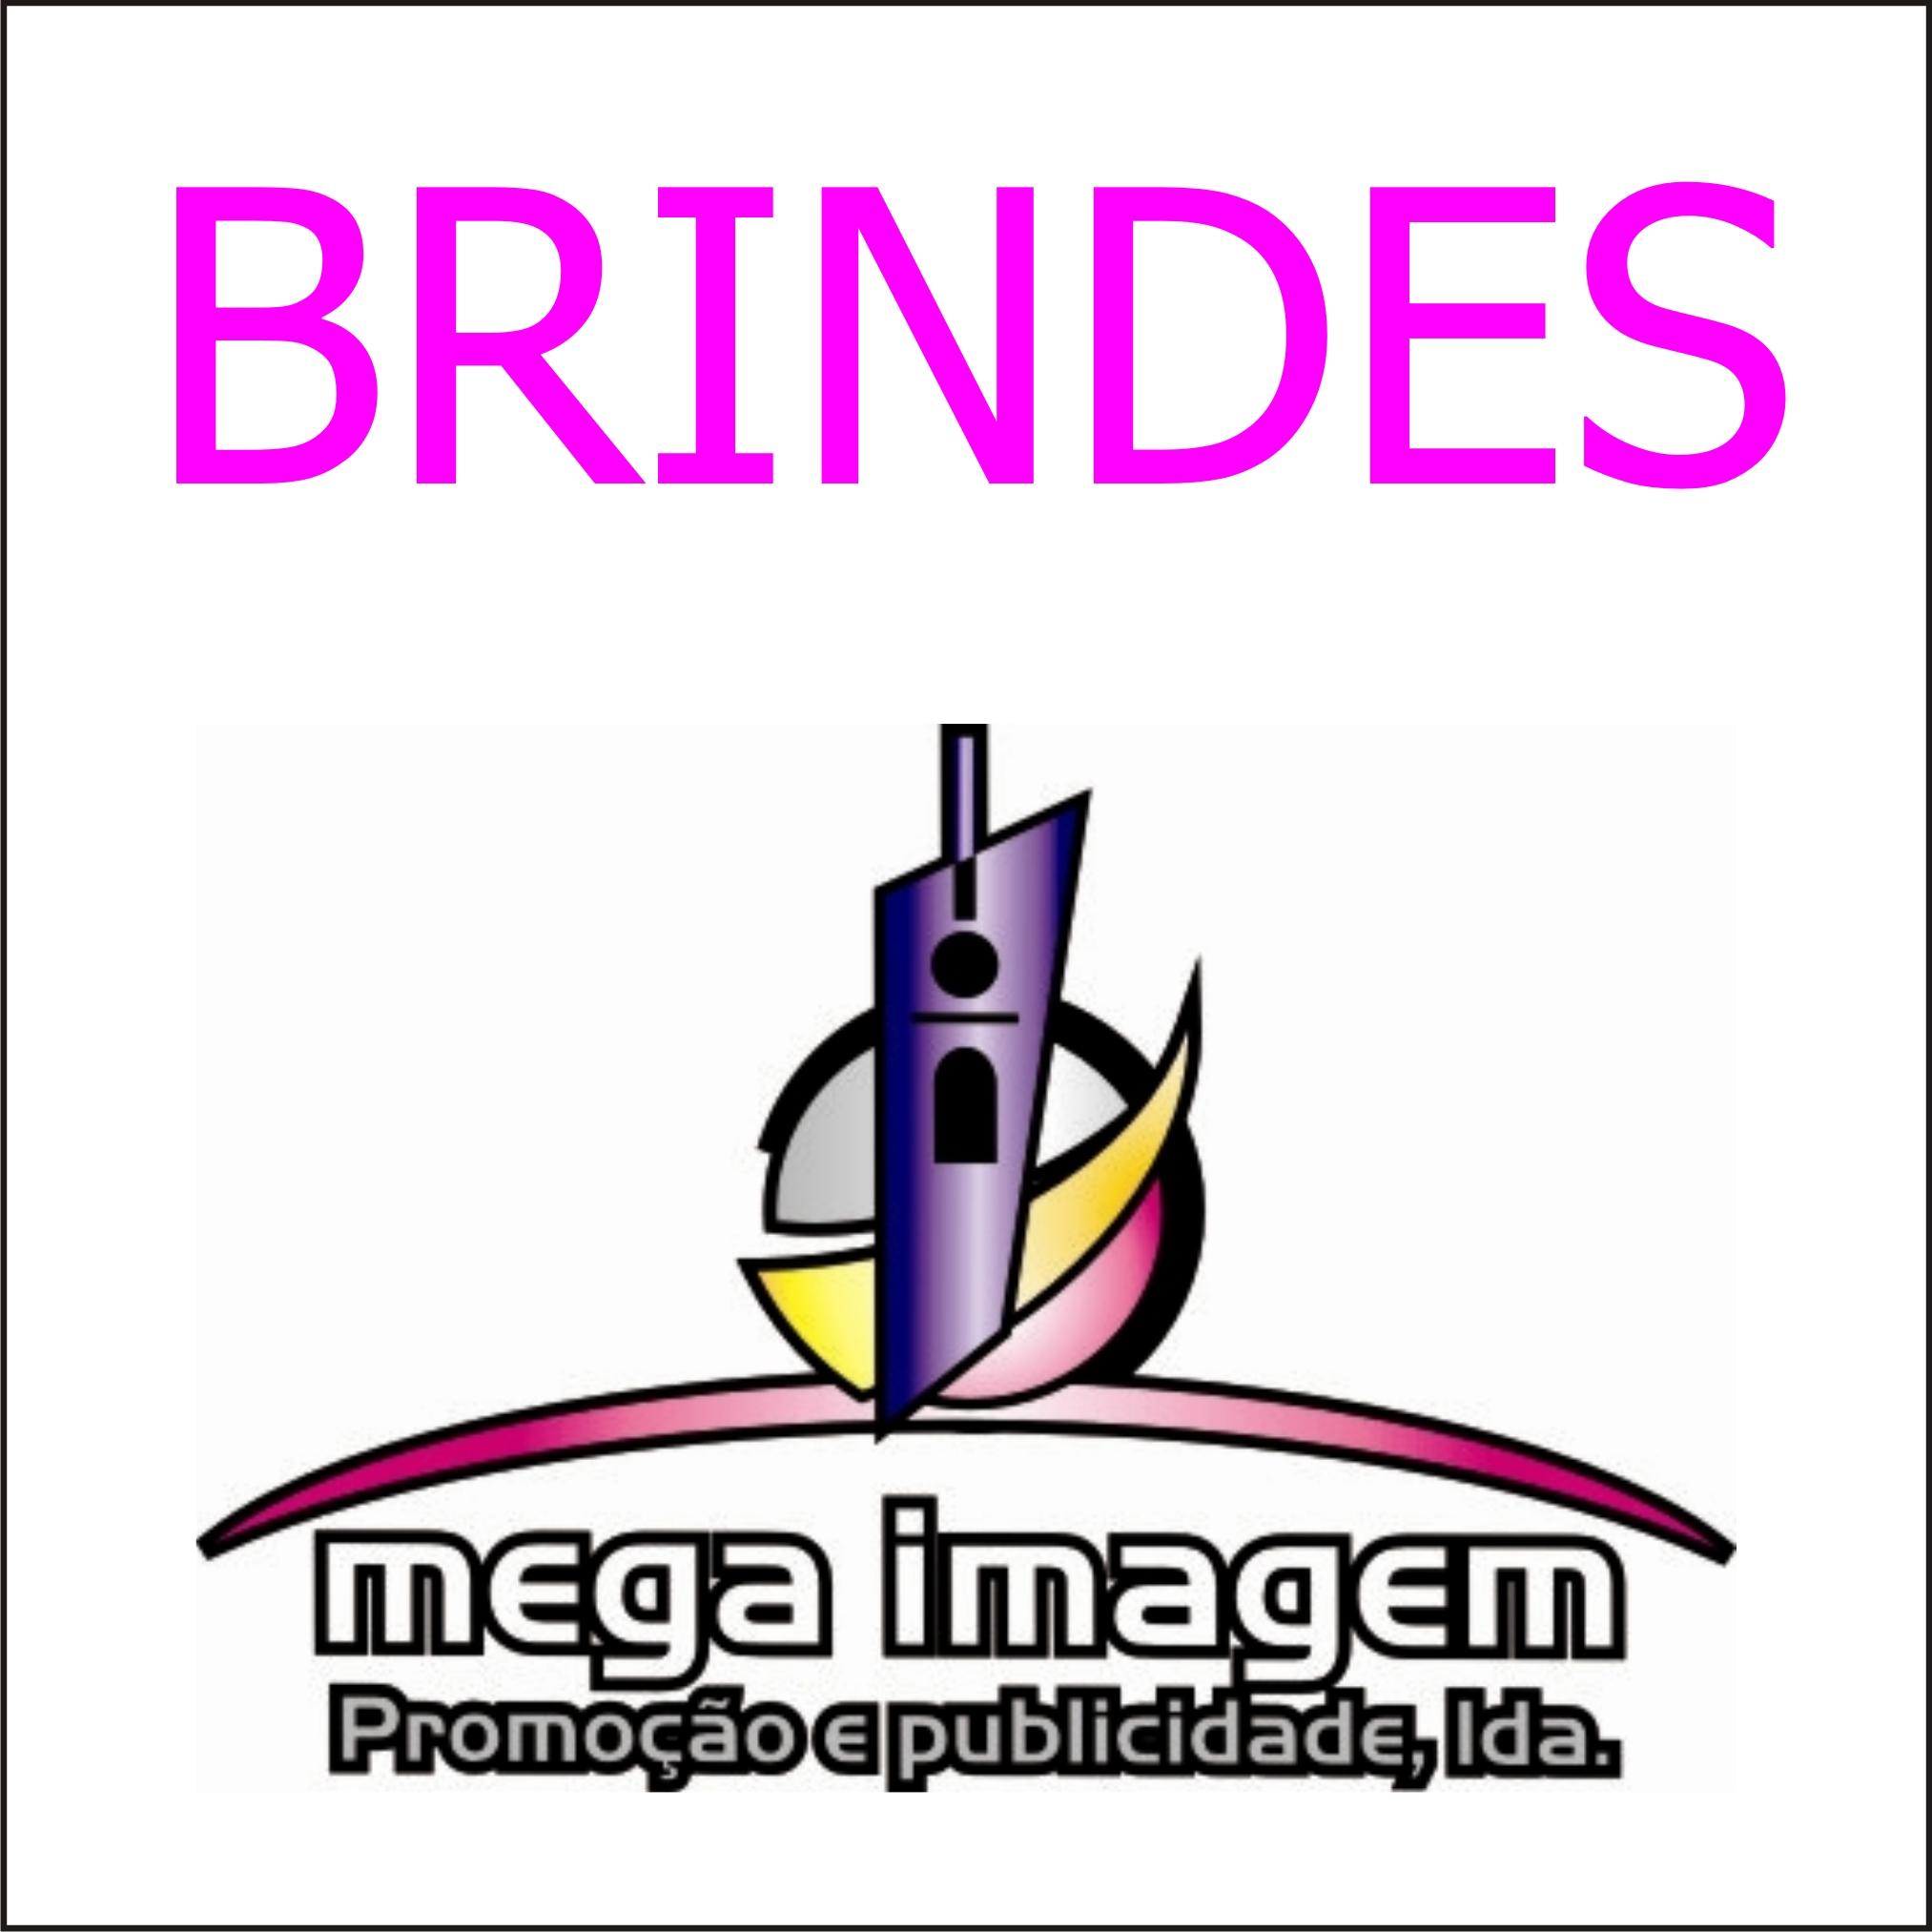 imagem do catálogo Brindes